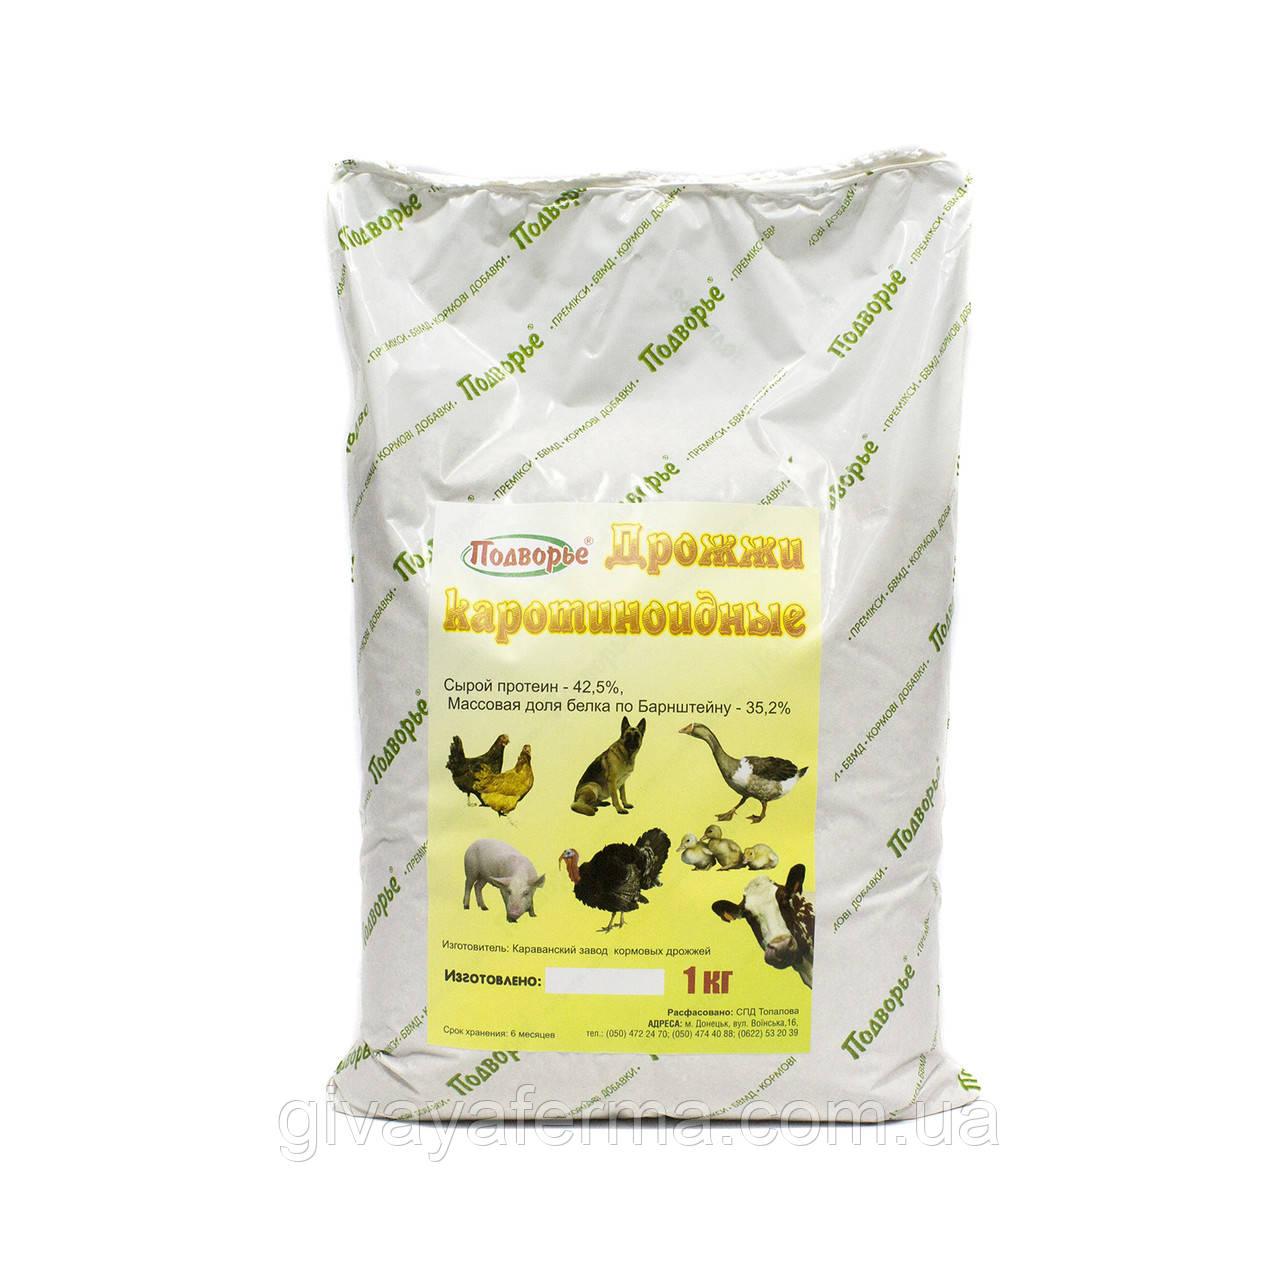 Дрожжи кормовые (каротиноидные), 1 кг, белково-витаминная добавка для всех видов домашних животных и птиц